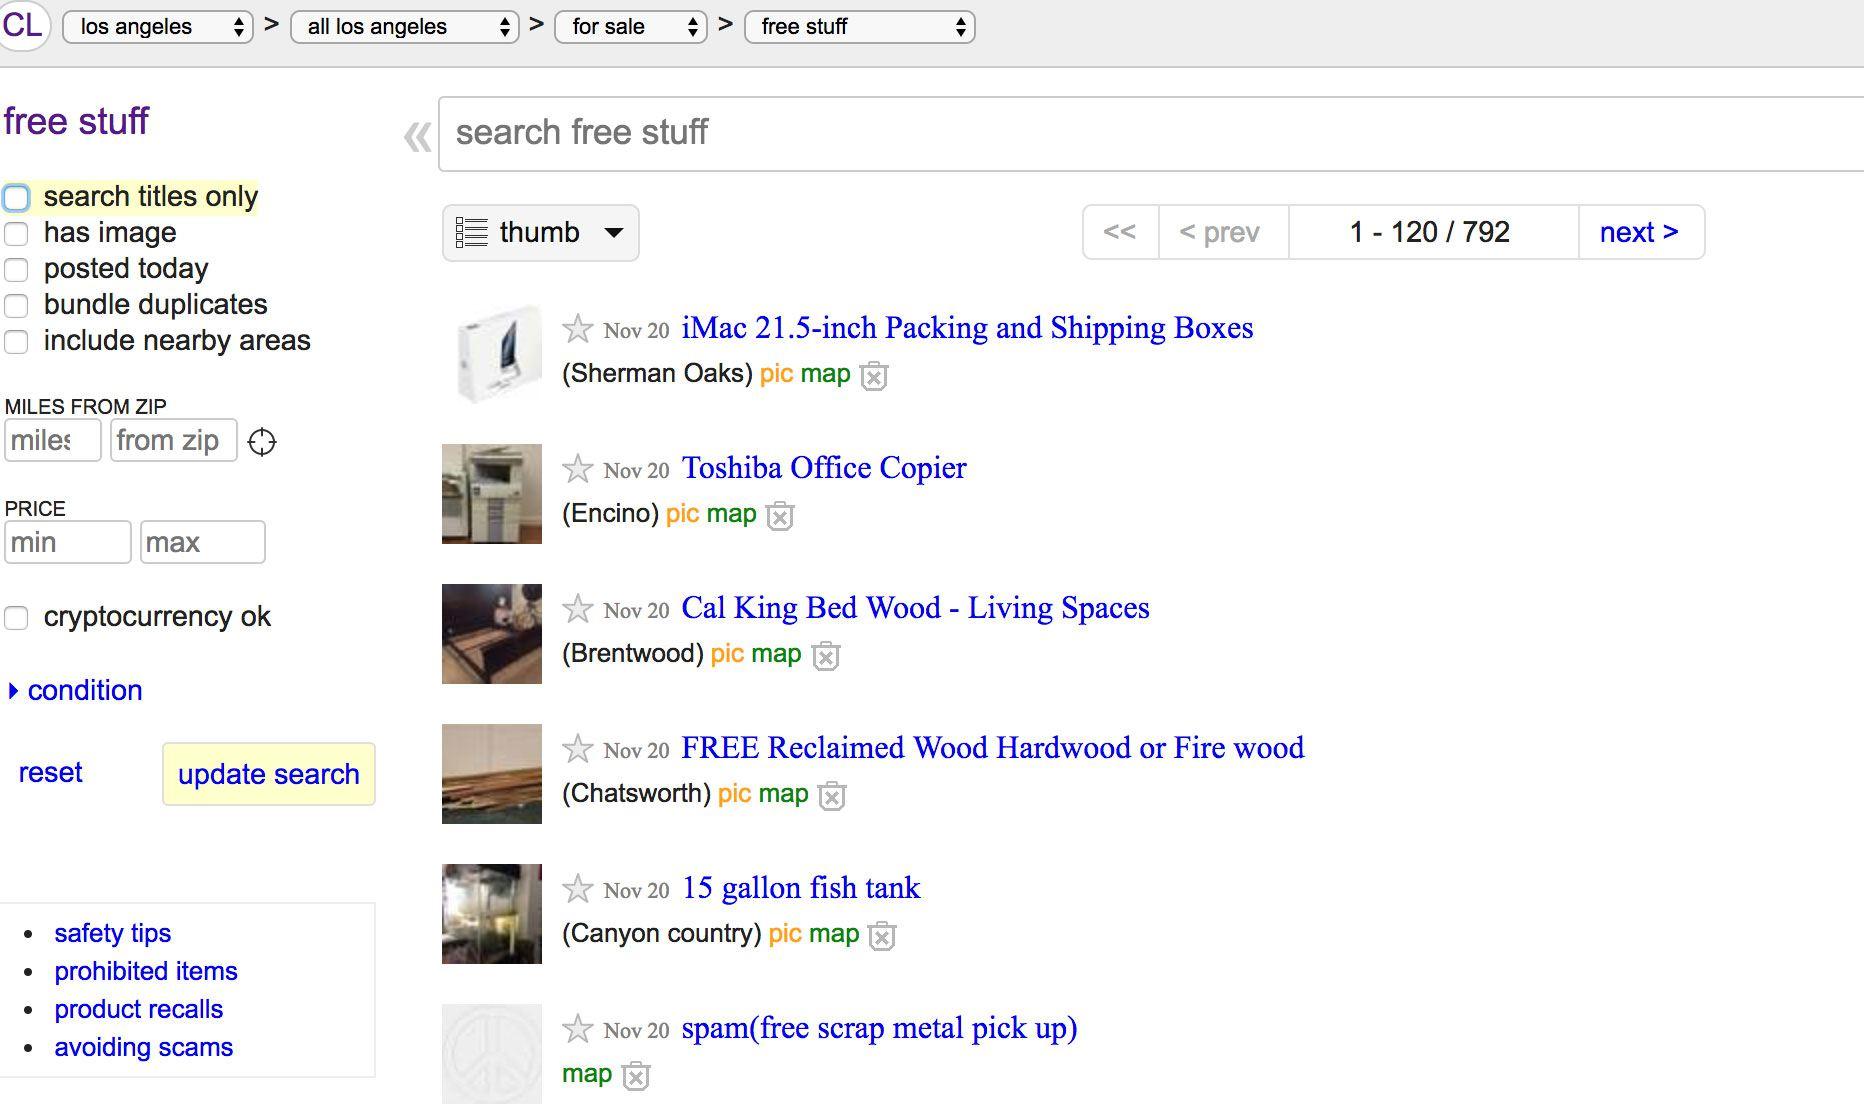 Craigslist list free stuff